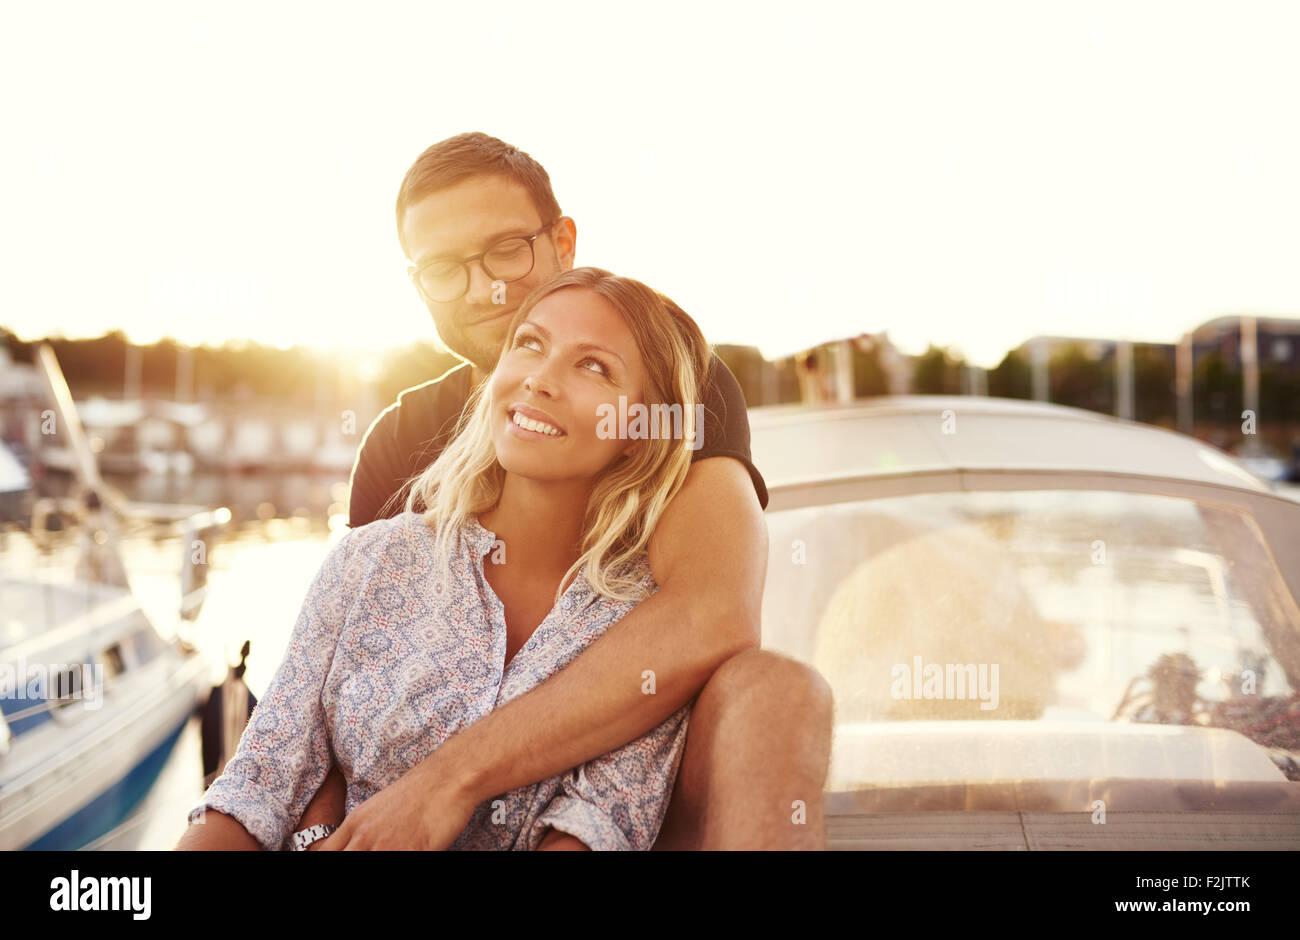 Heureux Couple sur un bateau, profiter de la vie tandis que dans l'amour Photo Stock